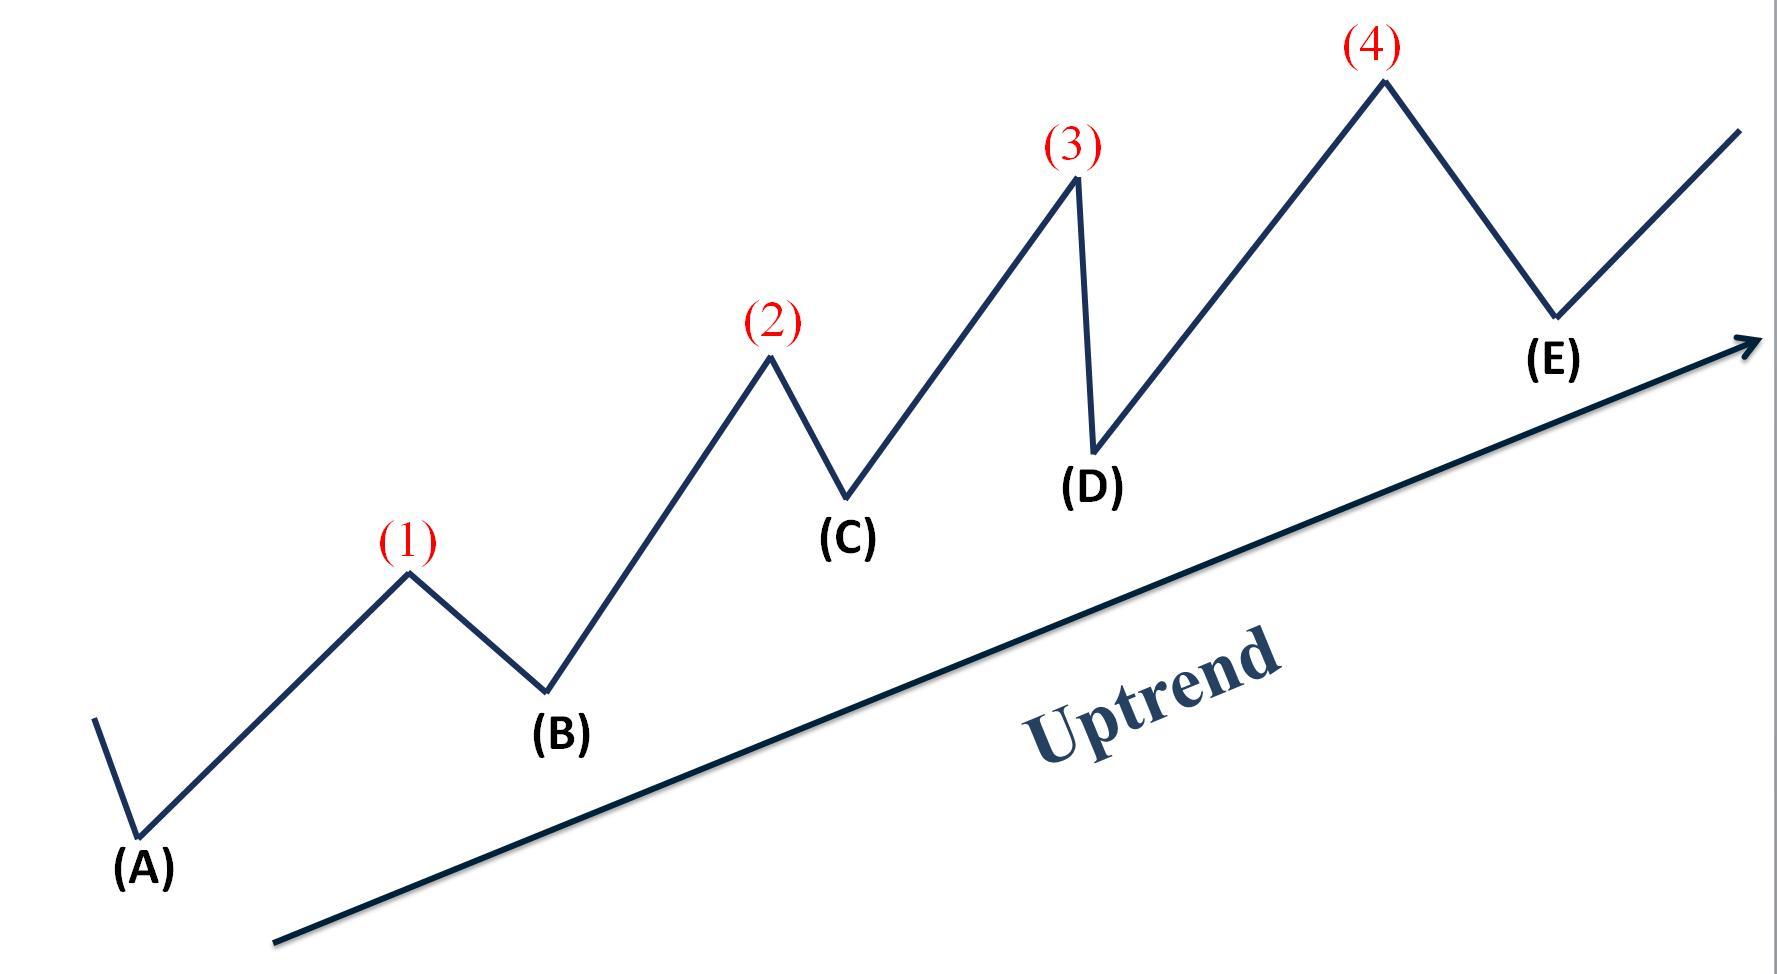 Đặc điểm cơ bản của Uptrend